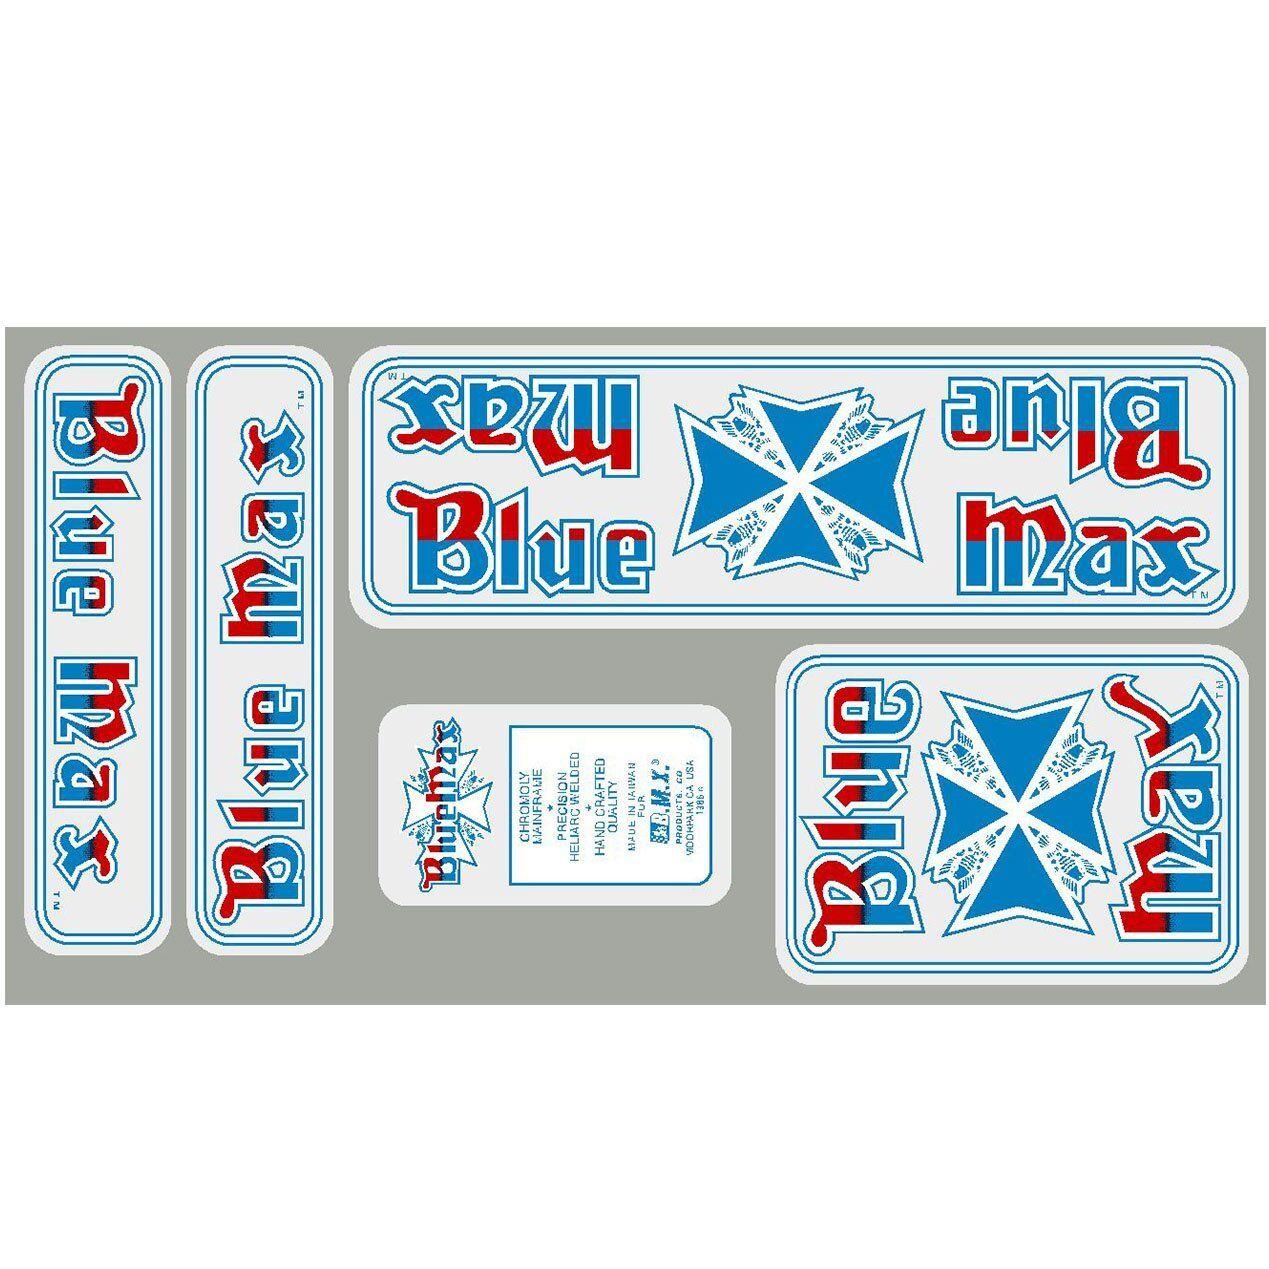 1986 blueeeeeeeee Max Decal set